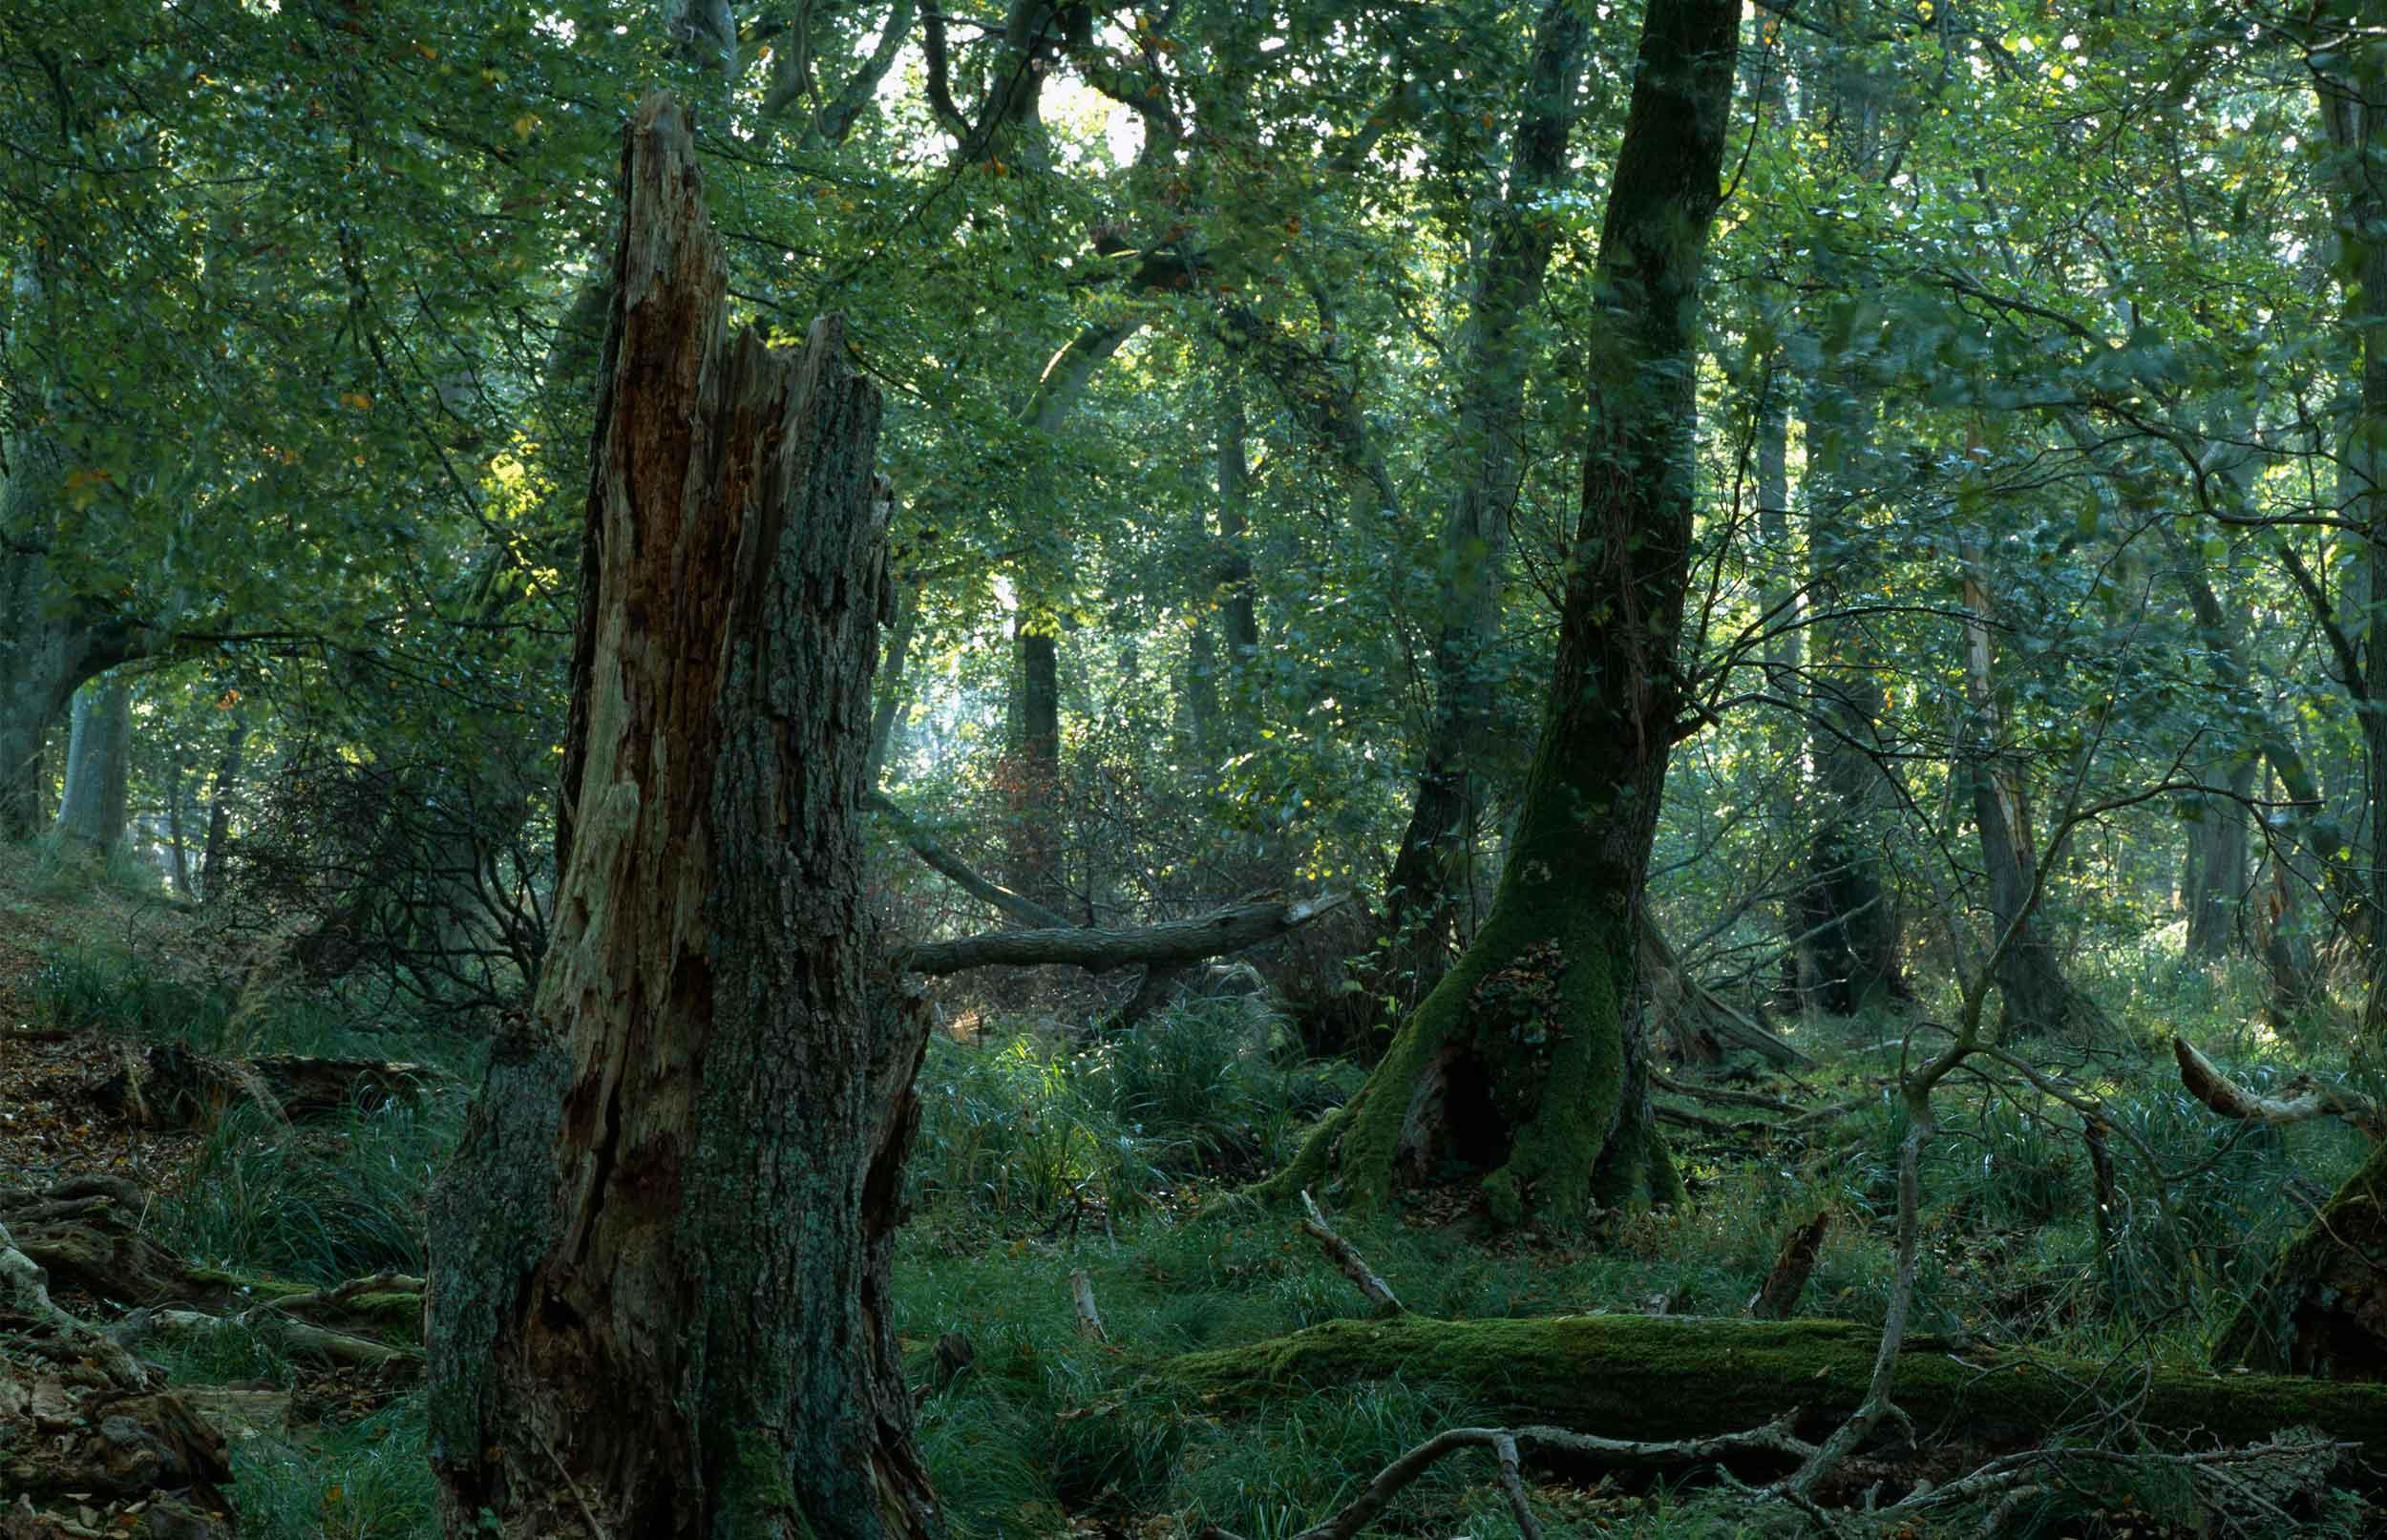 Naturen kan komme klimaet til undsætning - hvis den får plads